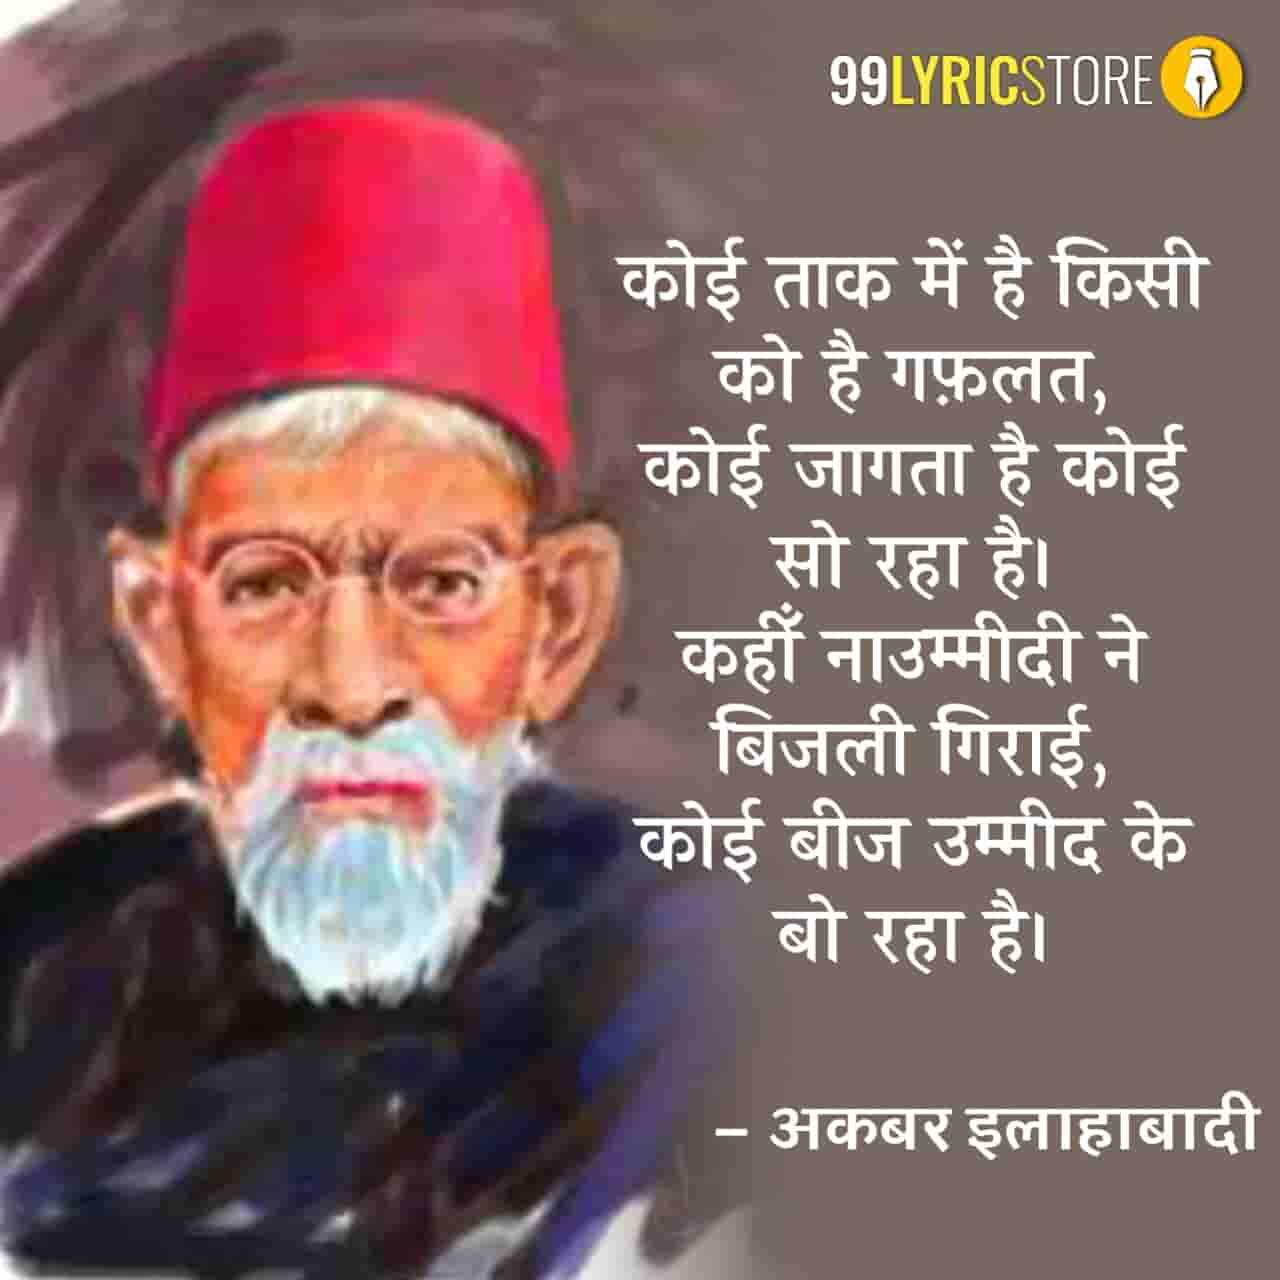 This beautiful ghazal 'Koi Hans Raha Hai Koi Ro Raha Hai' has written by Akbar Allahabadi.